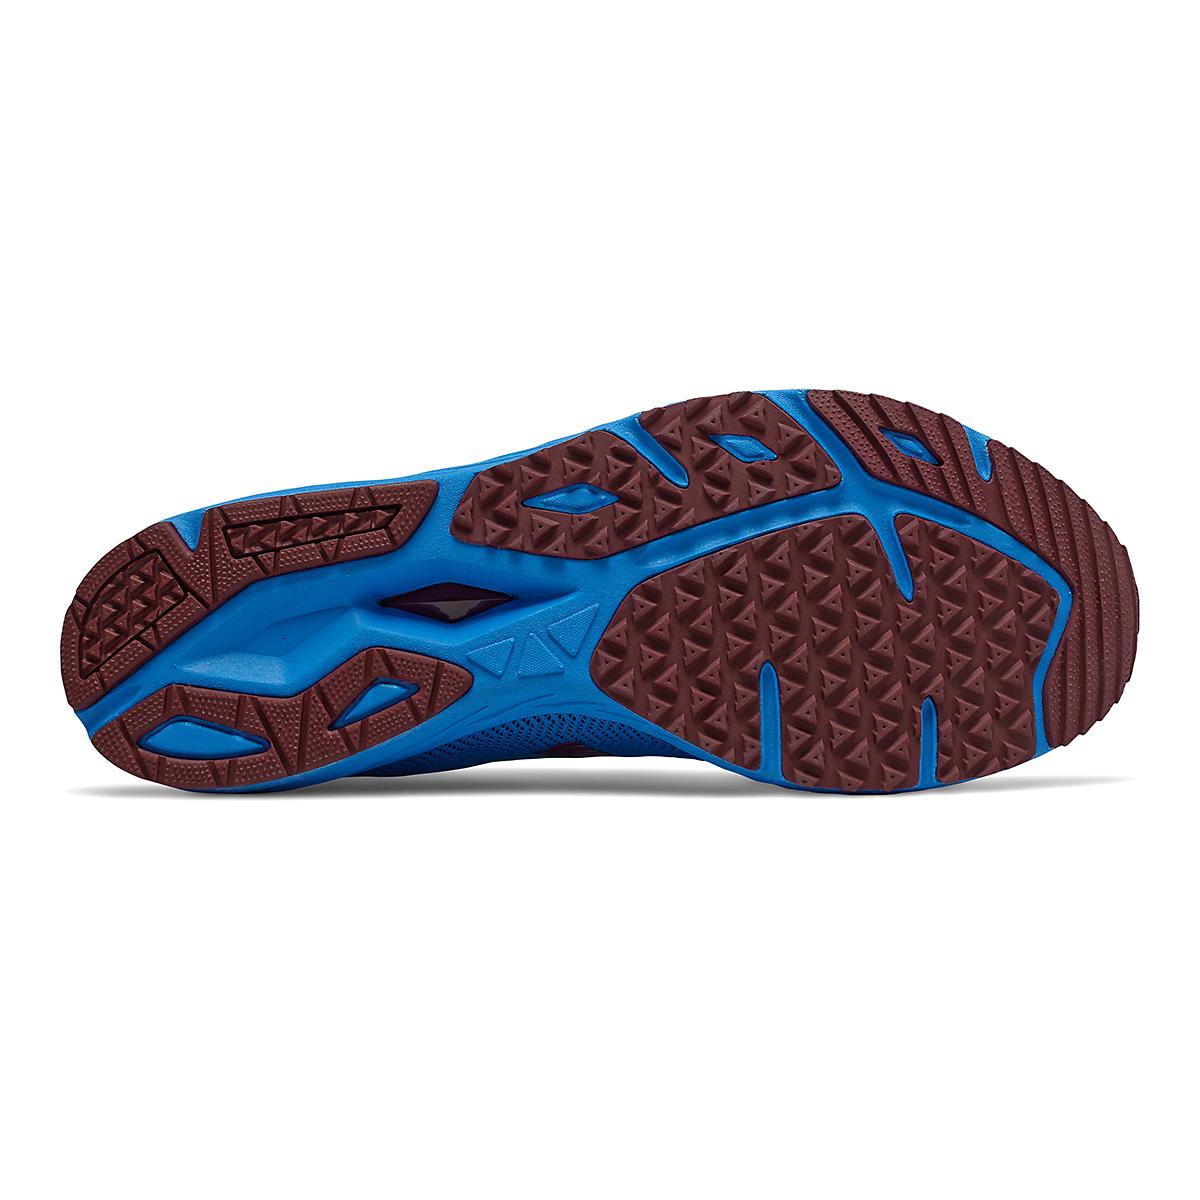 Men's New Balance 1400V6 Running Shoe - Color: Vision Blue - Size: 7 - Width: Wide, Vision Blue, large, image 4